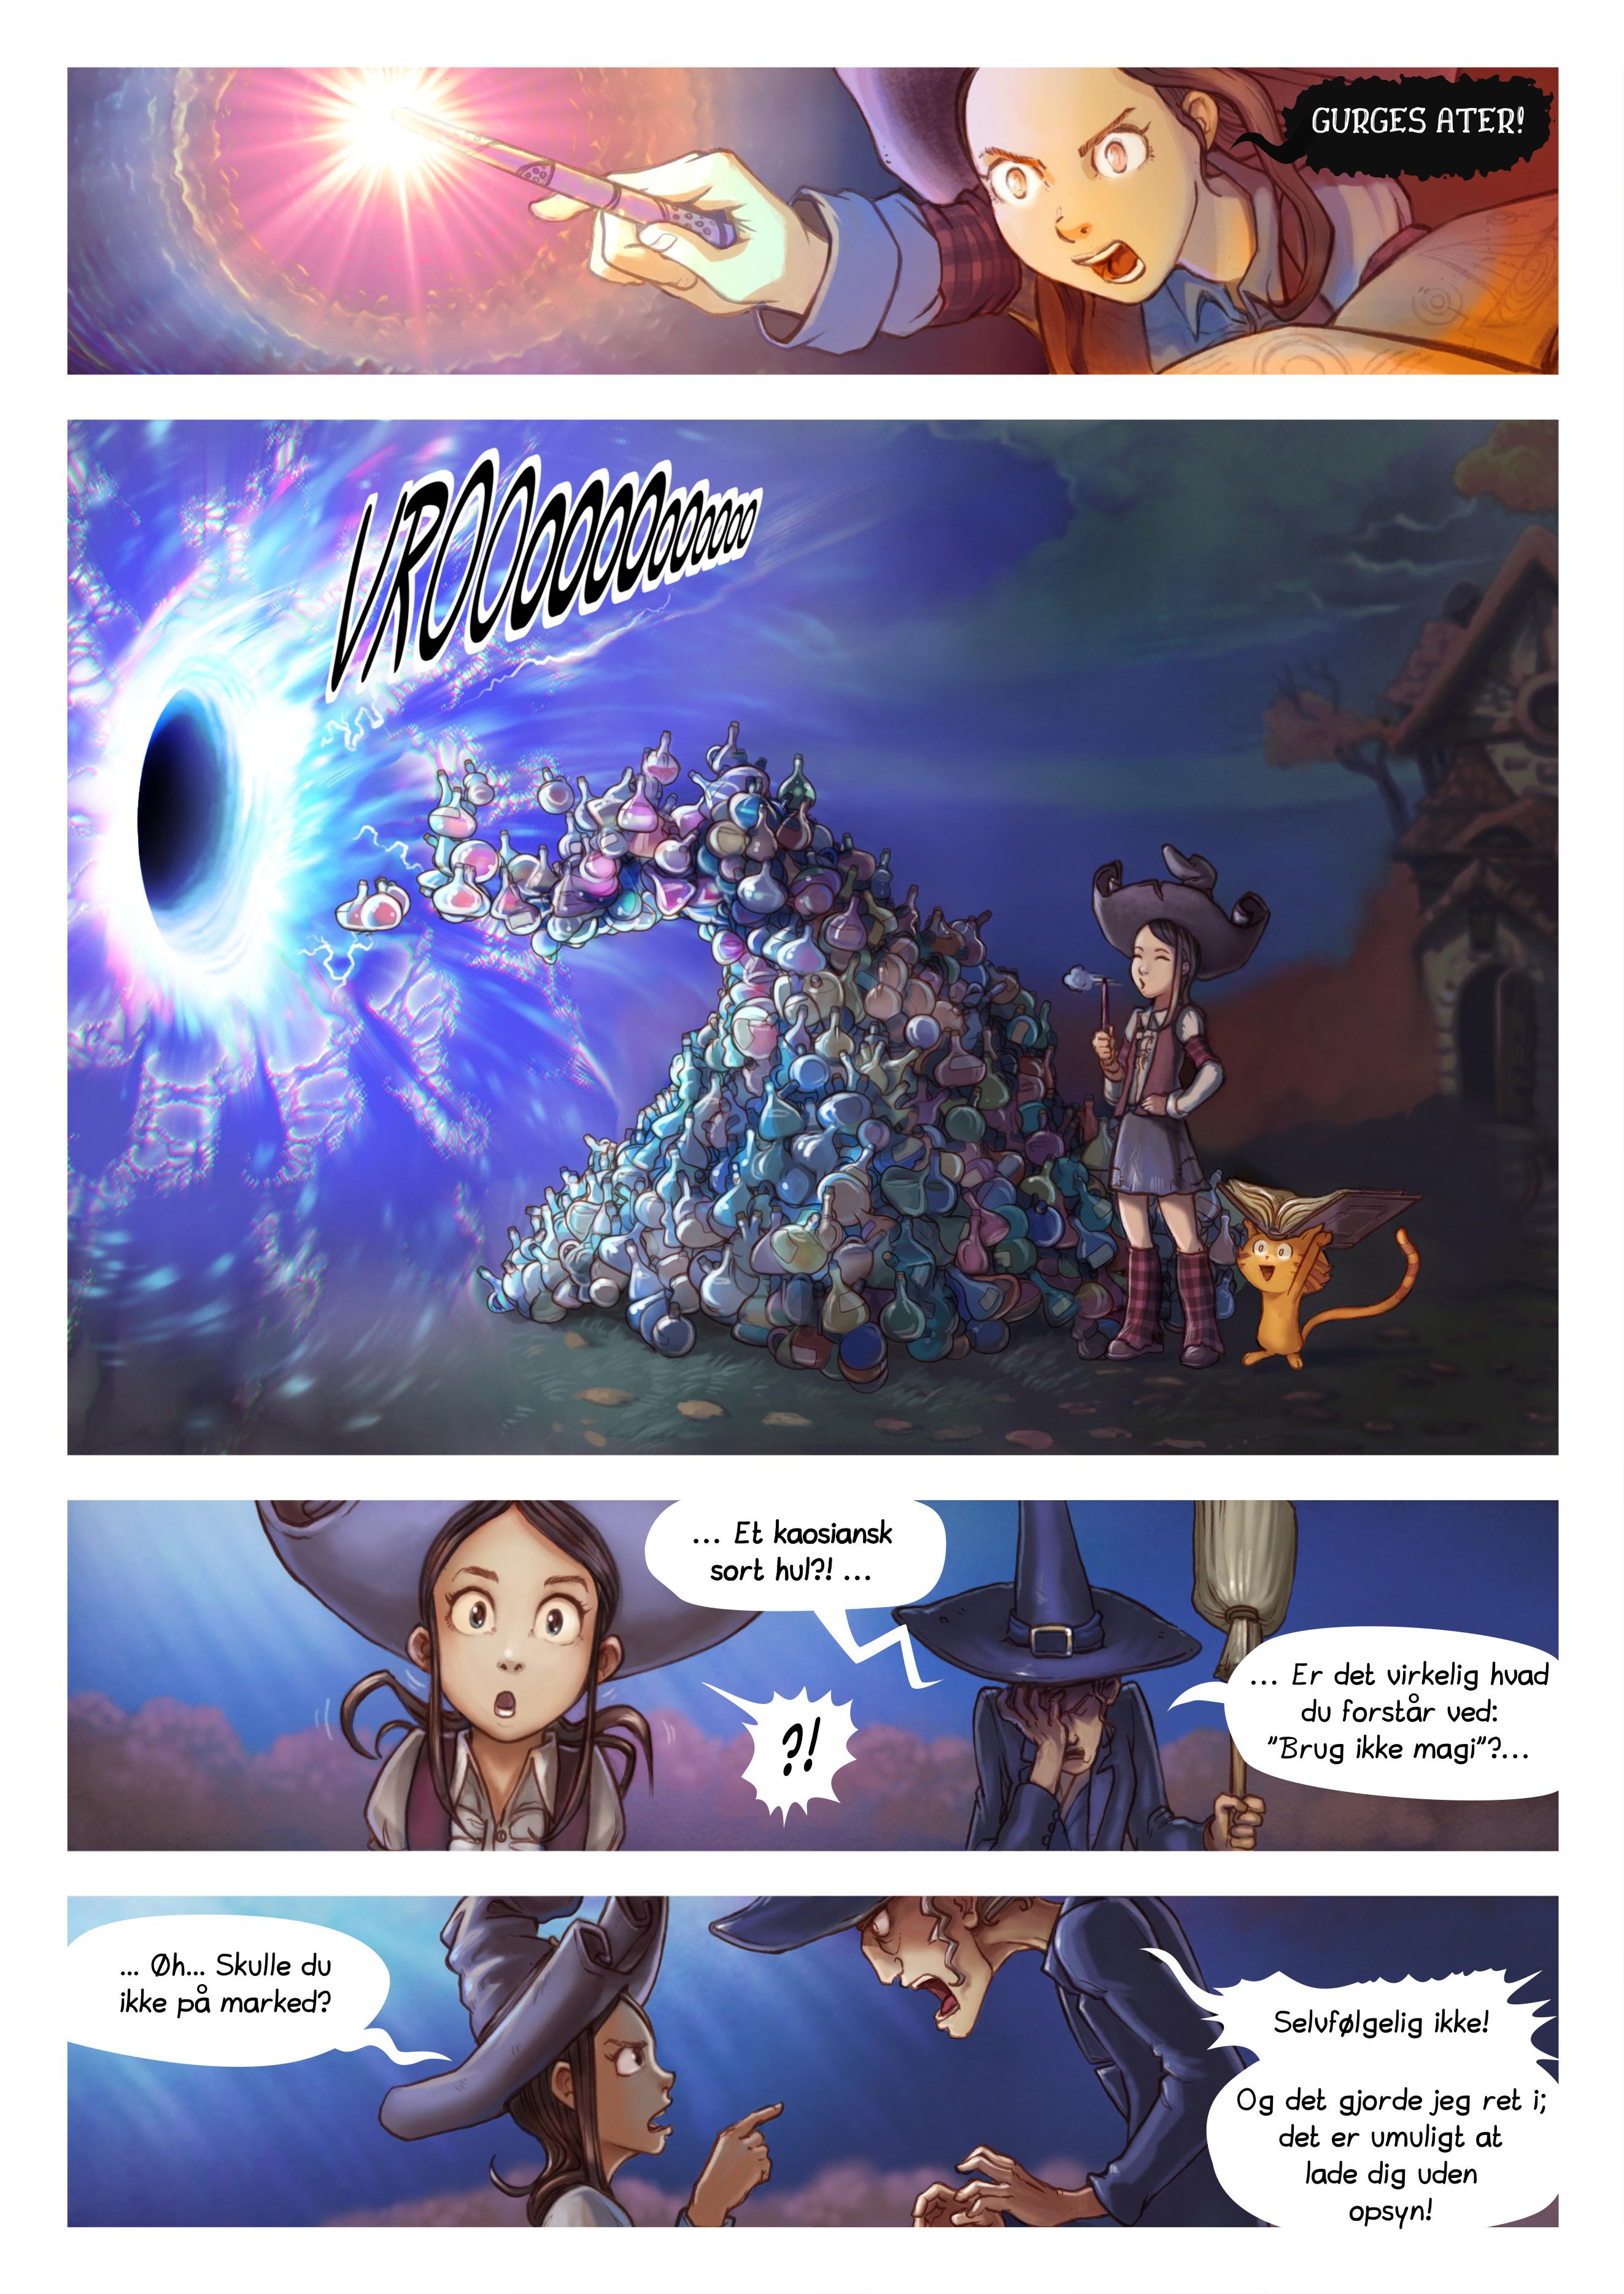 Episode 12: Efterårsoprydning, Page 4